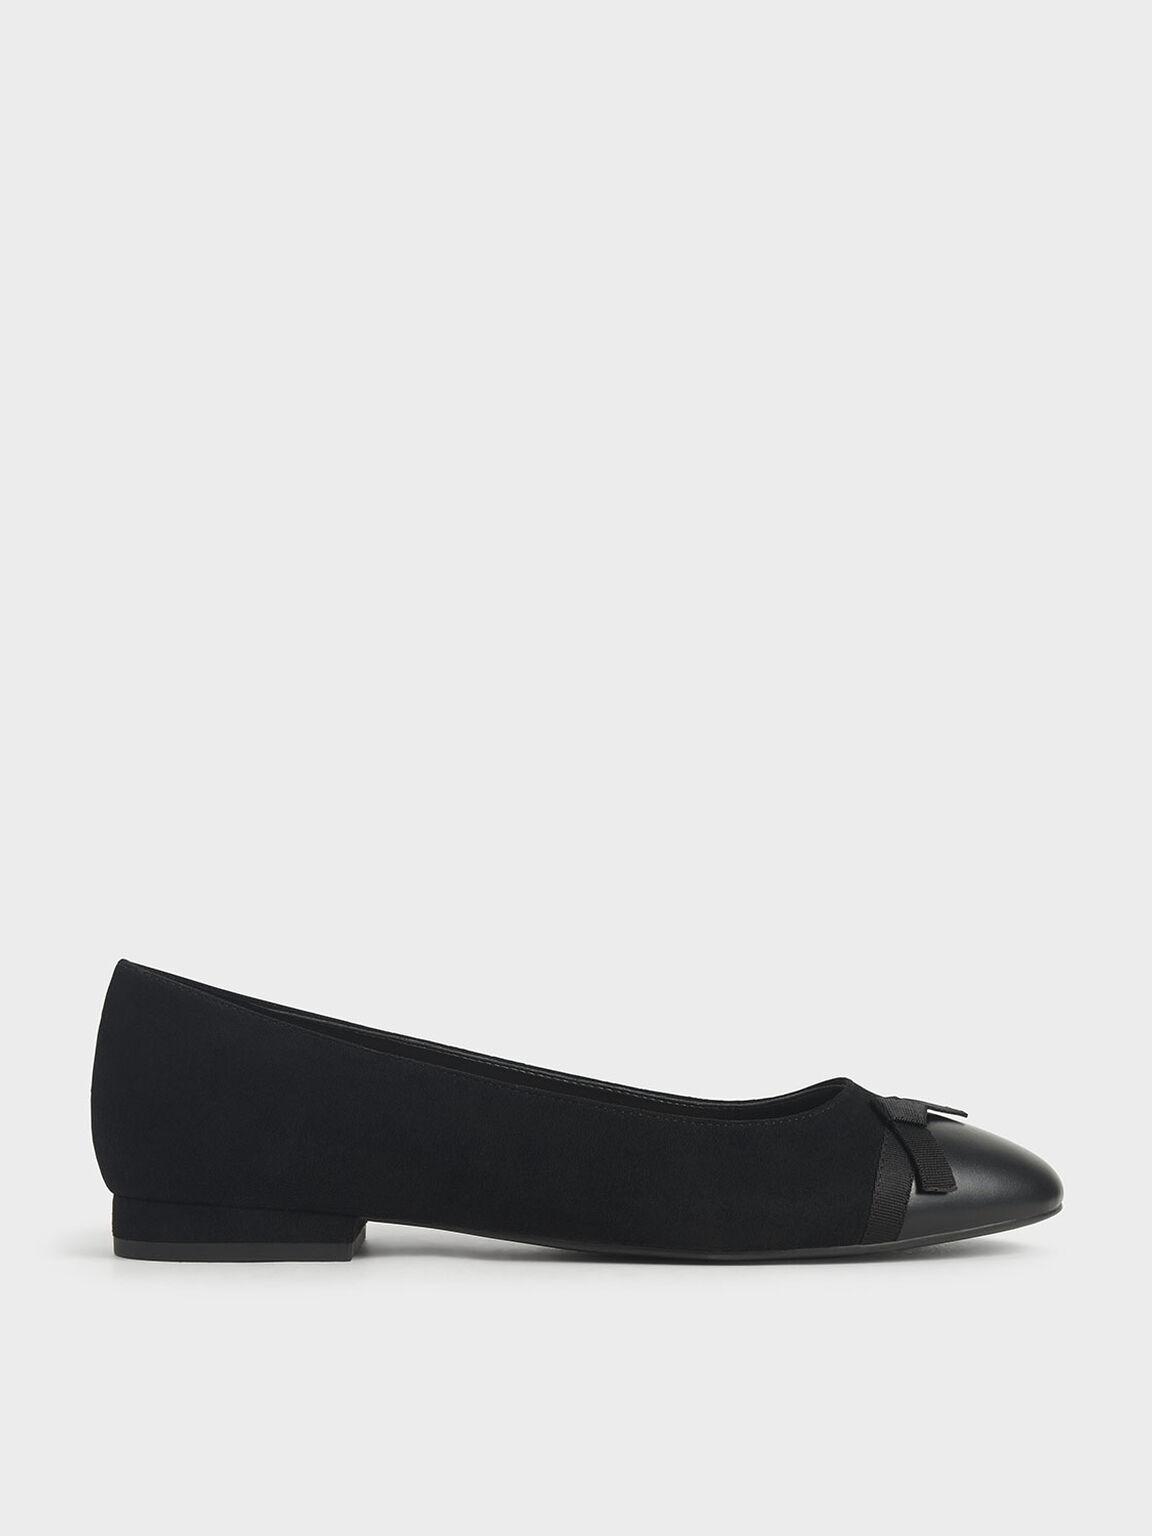 Textured Ribbon Tie Ballet Pumps, Black, hi-res